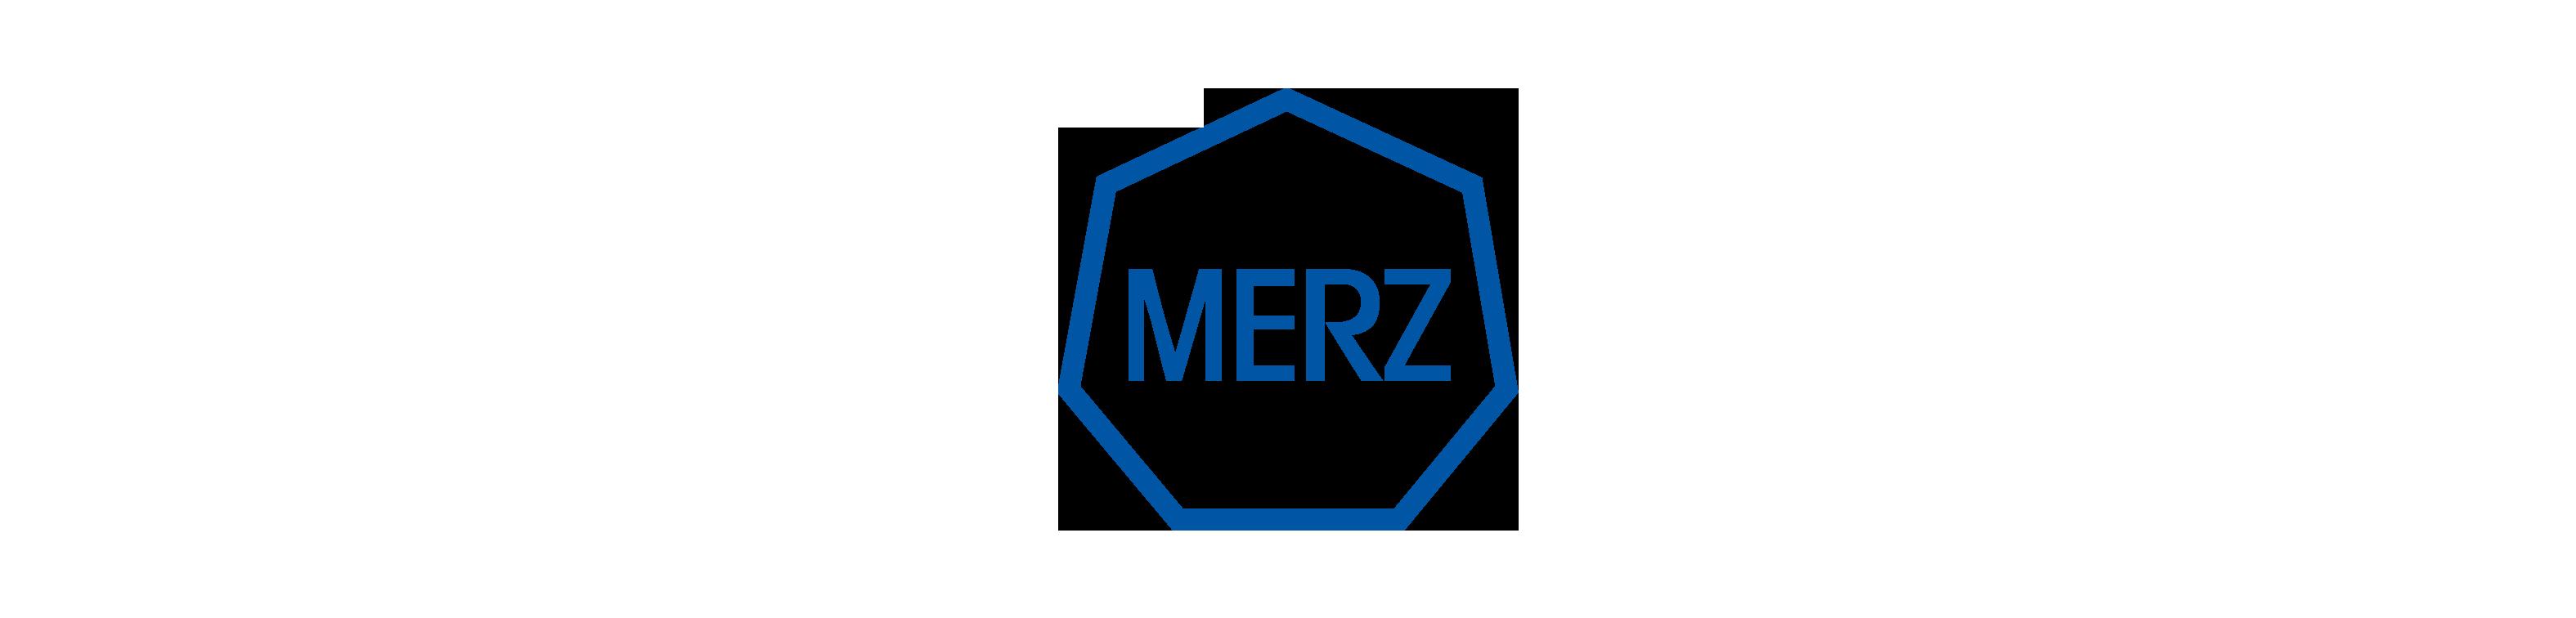 merz-consumer-care-logo